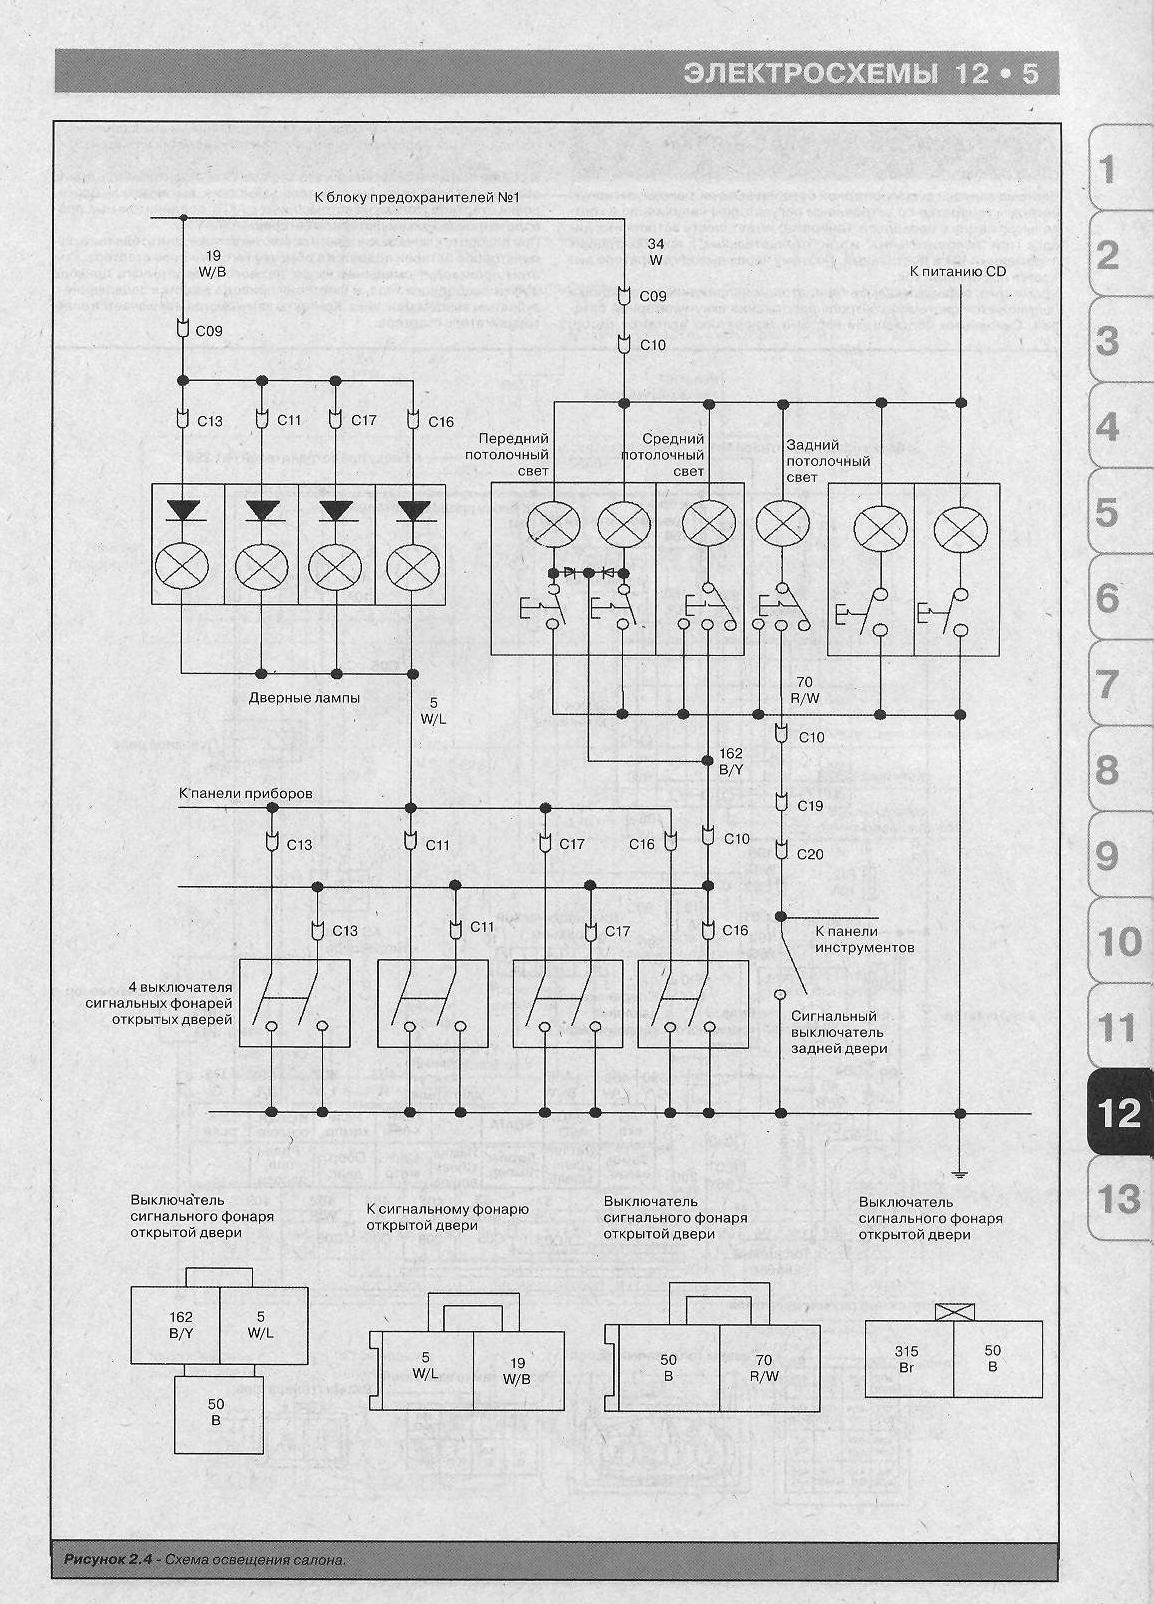 Скачать Схемы электрооборудования GREAT WALL HOVER с 2004.  Кликните на картинку, чтобы увидеть полноразмерную версию.